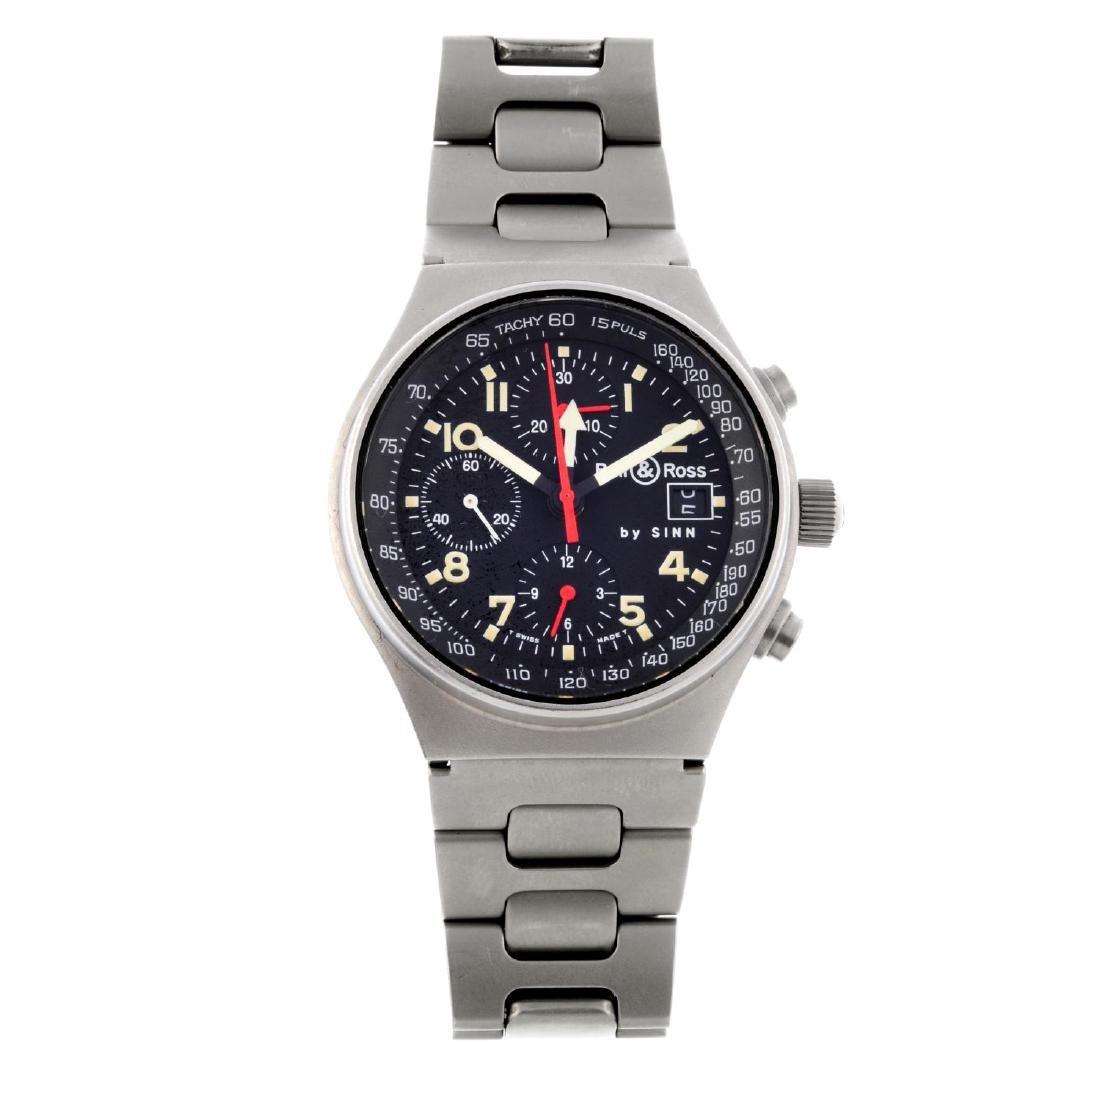 BELL & ROSS - a gentleman's Sinn GMT chronograph